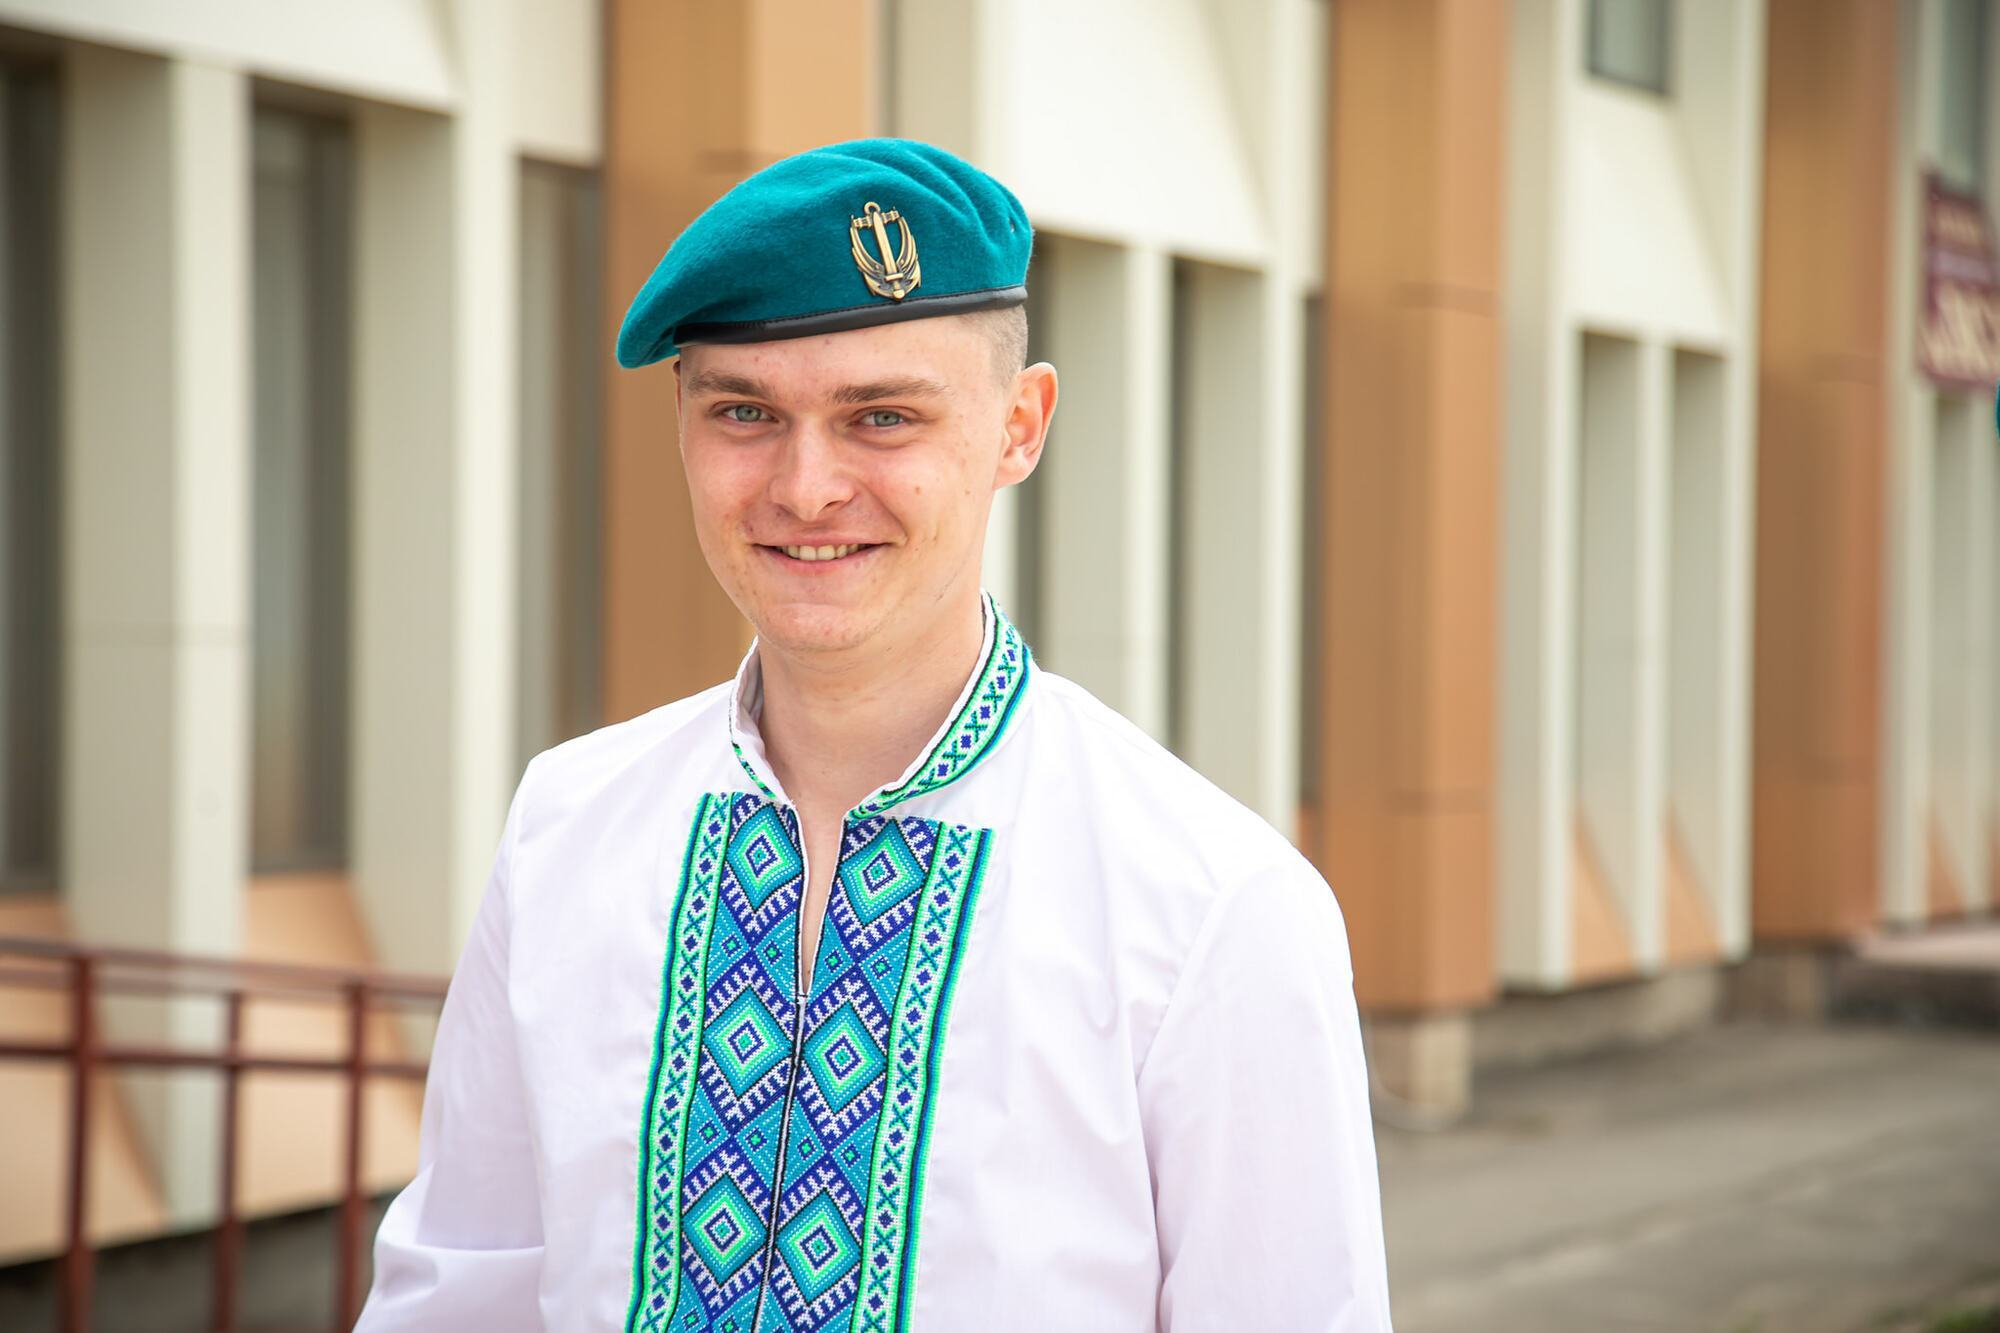 Морпехи ВСУ напомнили, что вышиванка является кодом украинской нации